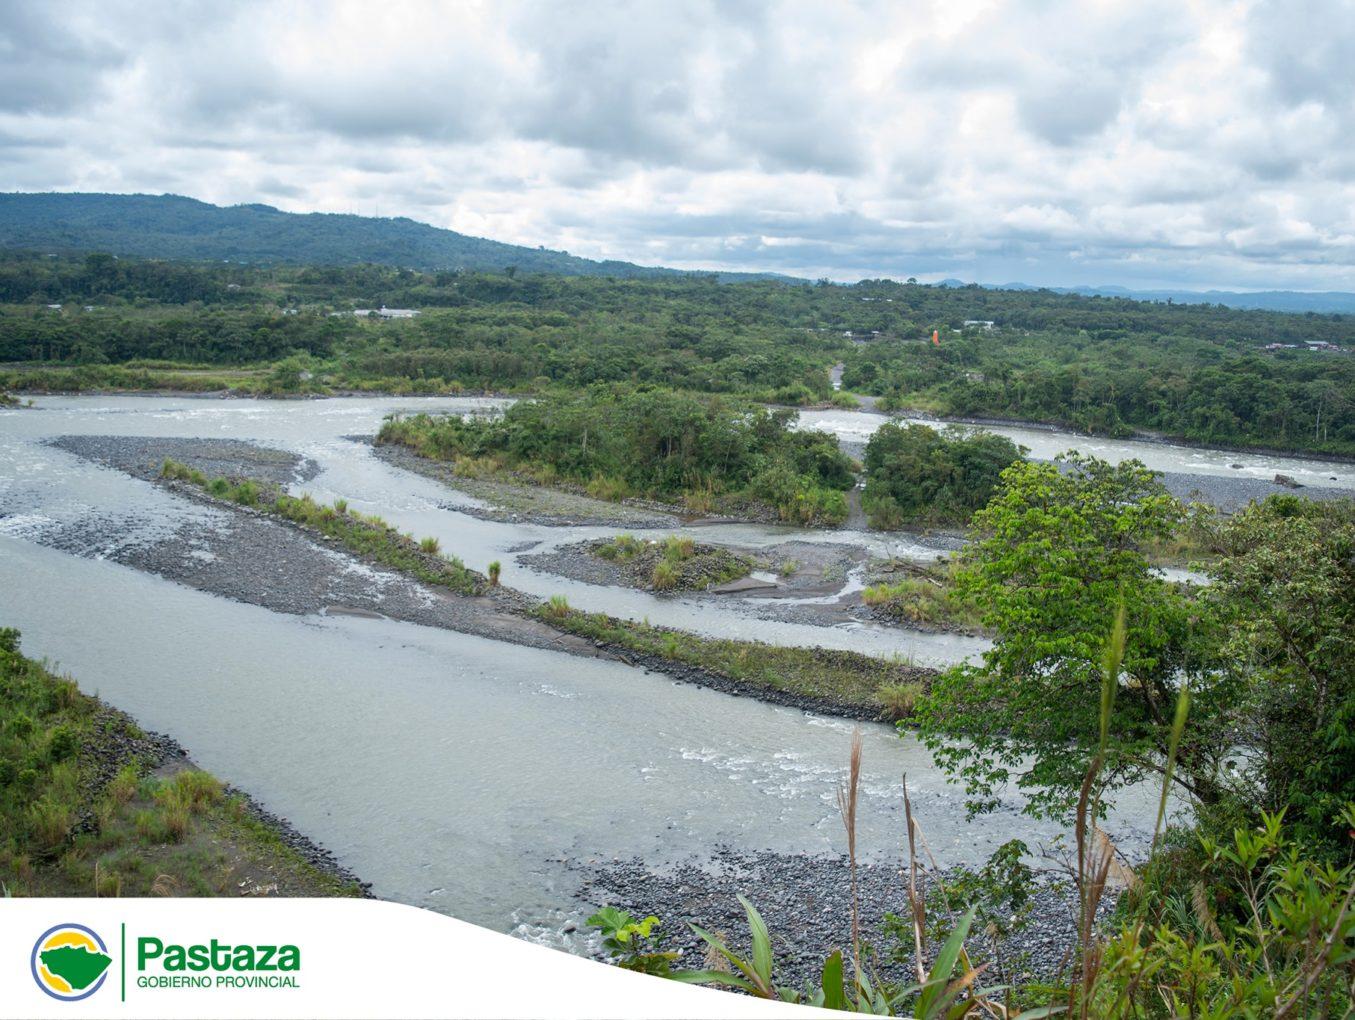 Inspección técnica multidisciplinaria con el objetivo de verificar el estado de la cuenca del Río Pastaza tanto en la orilla correspondiente a Pastaza como la perteneciente a Morona Santiago